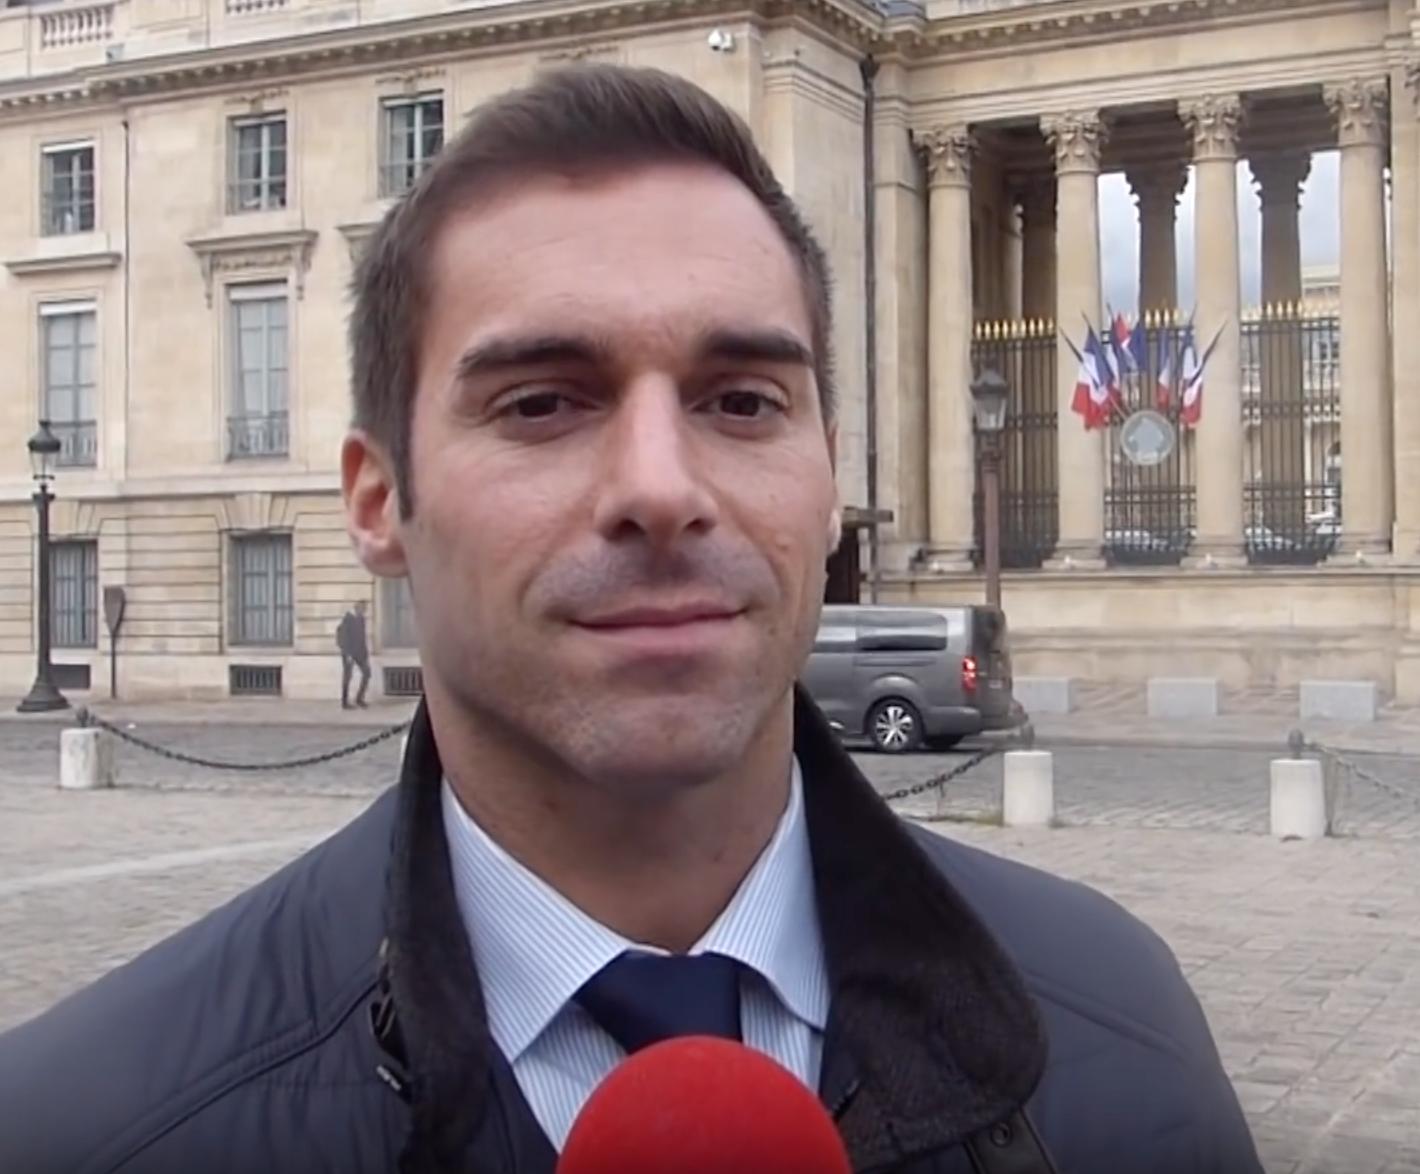 Julien Odoul : on veut criminaliser la critique de l'islam